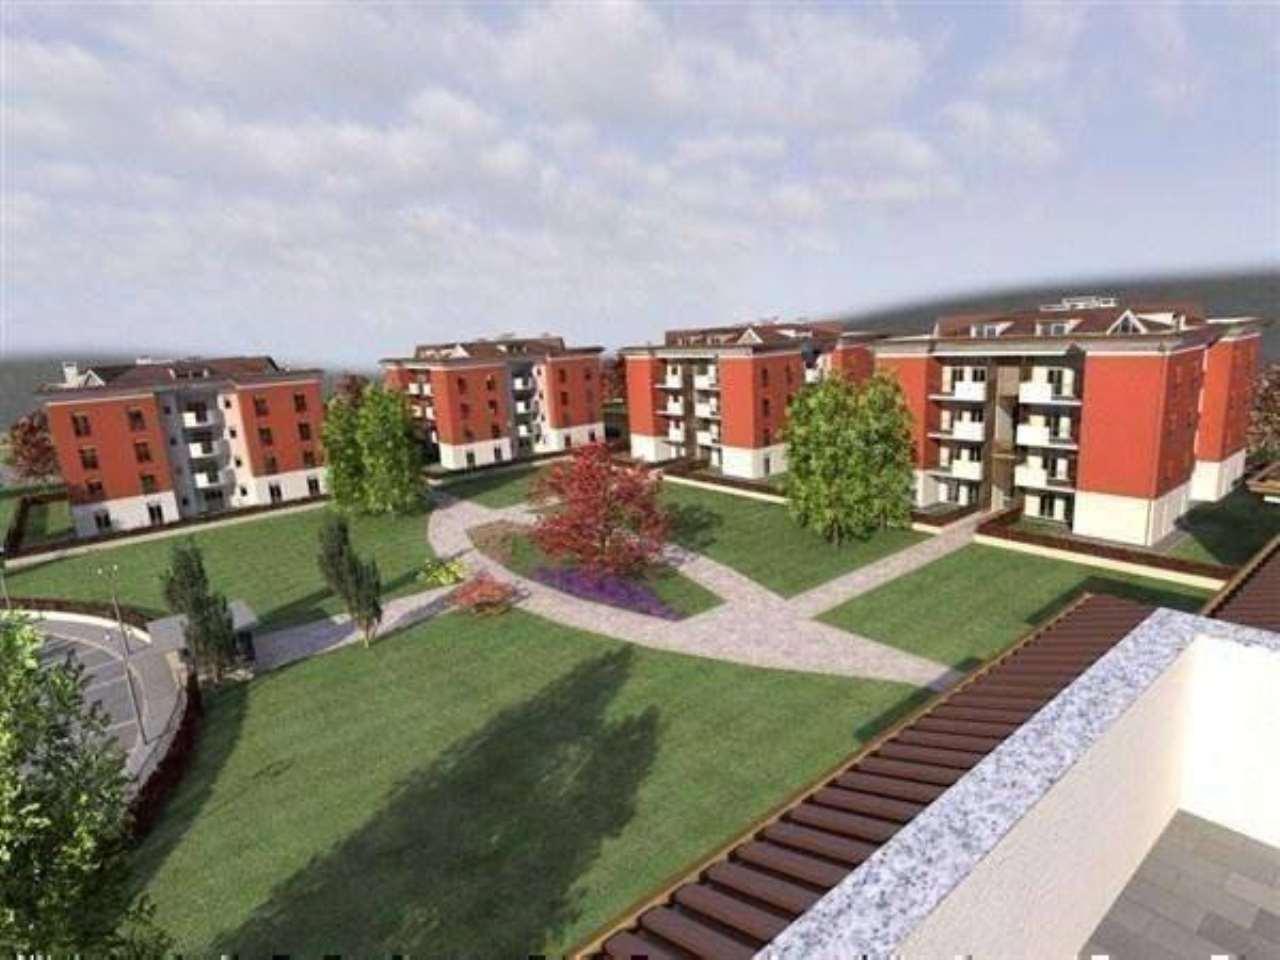 Appartamento in vendita a Sulbiate, 3 locali, prezzo € 229.500 | CambioCasa.it